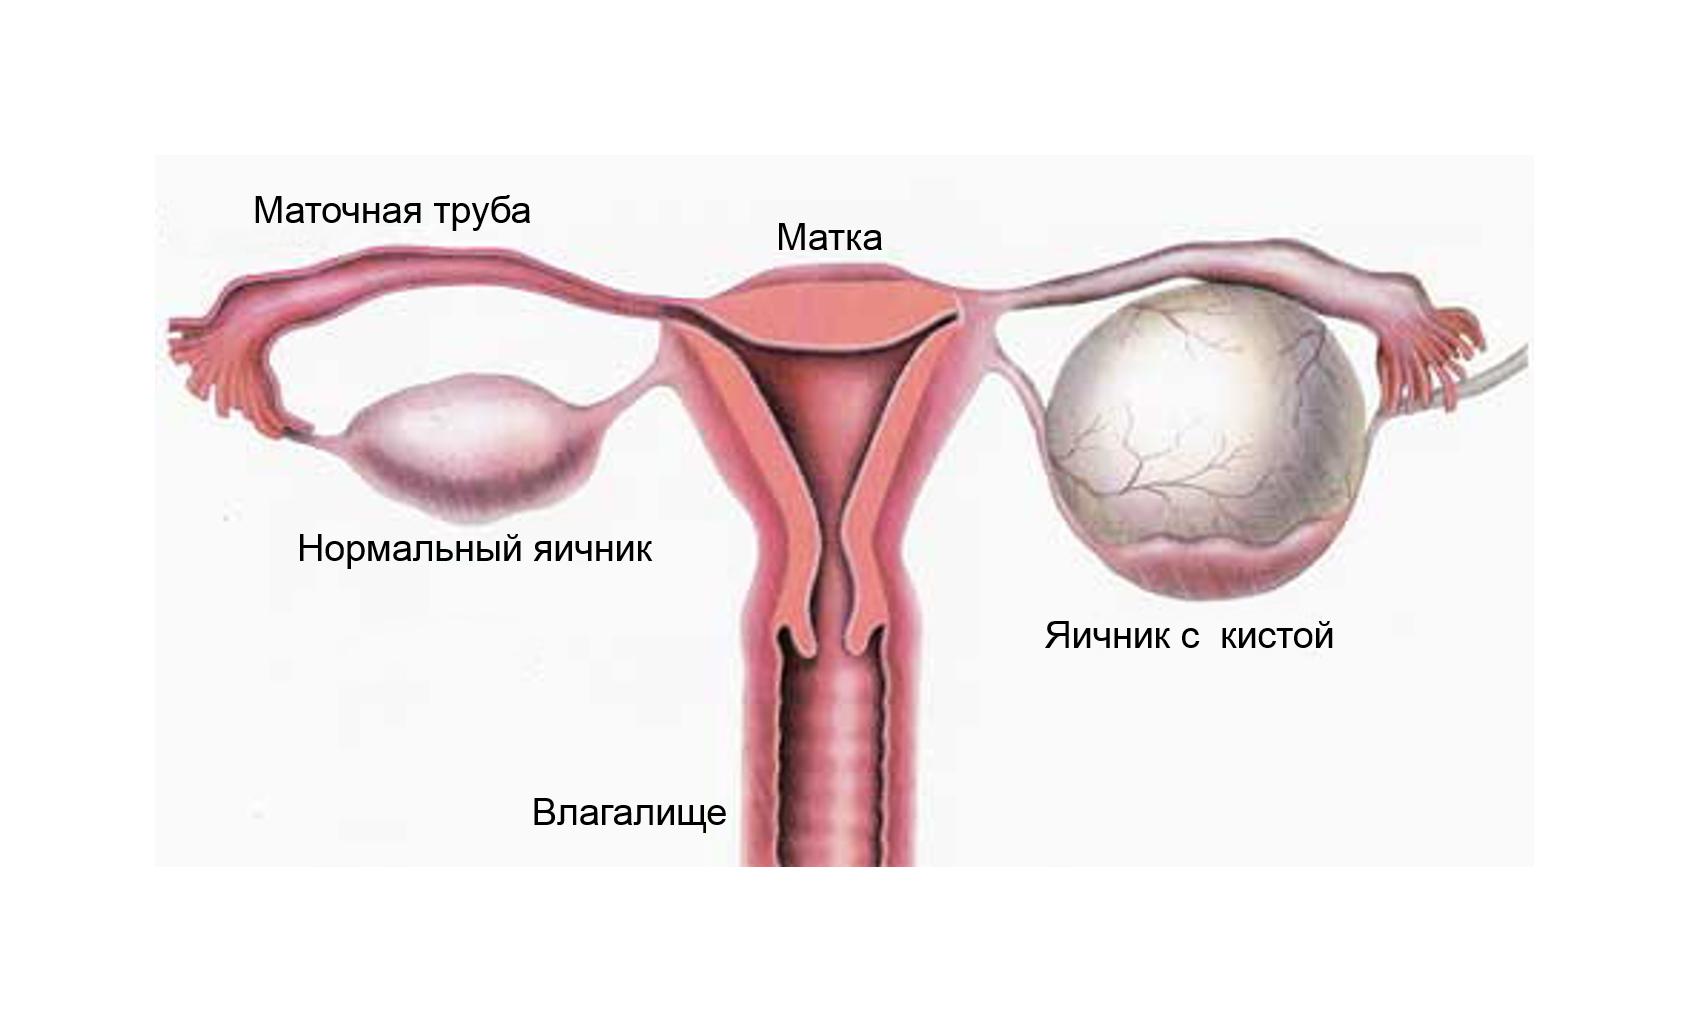 Тератома левого яичника